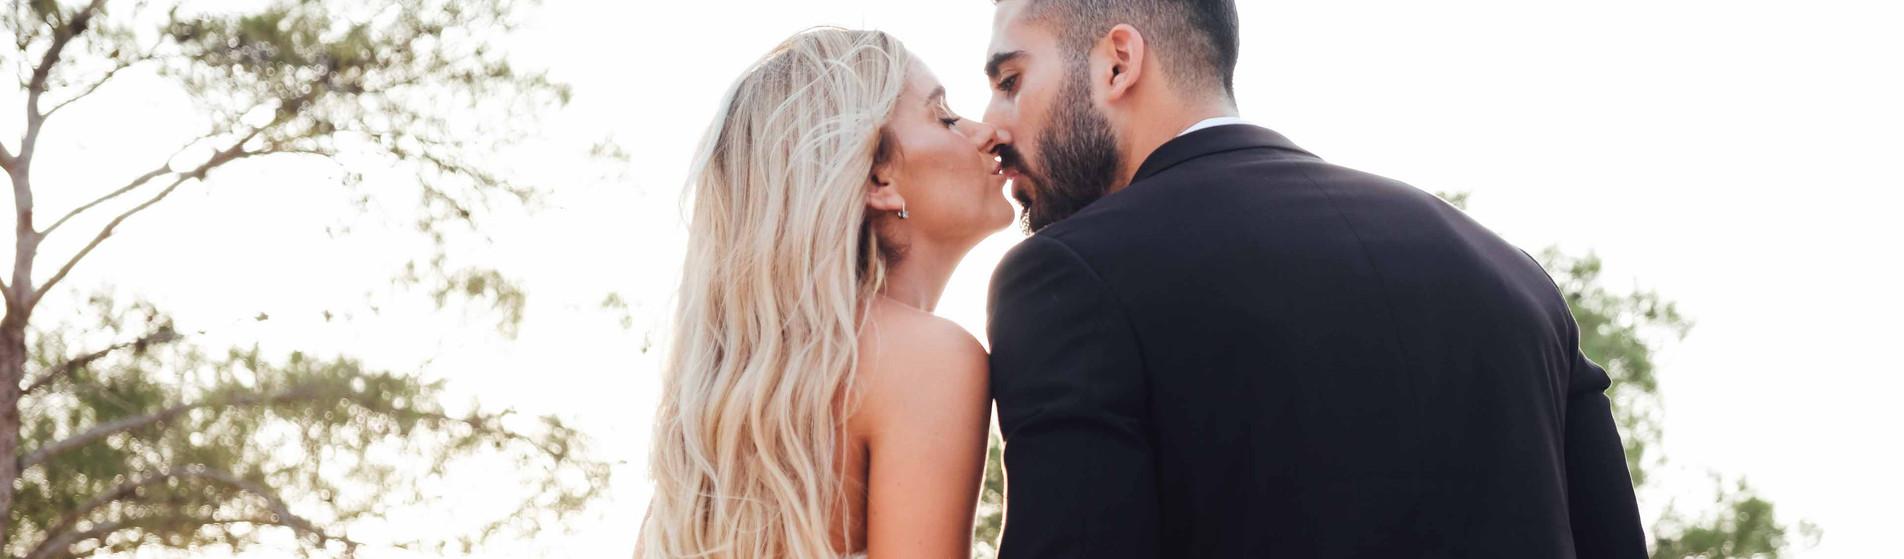 צלם חתונות בצפון | צלמים לחתונה בצפון